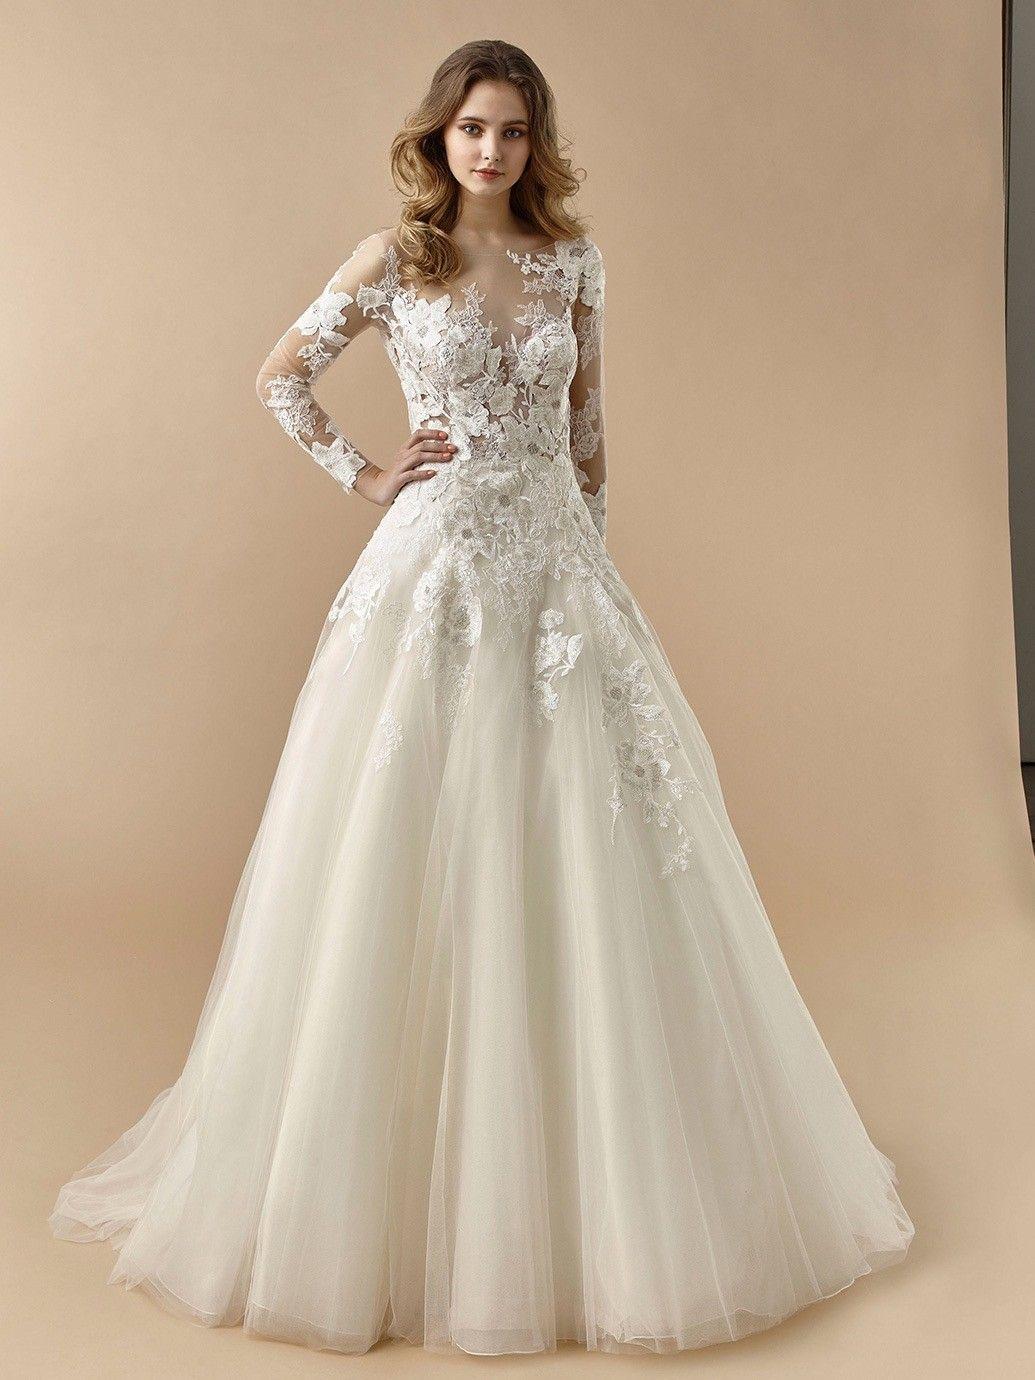 Hochzeitskleider - wunderschöne Bilder-Galerie & Brautkleider